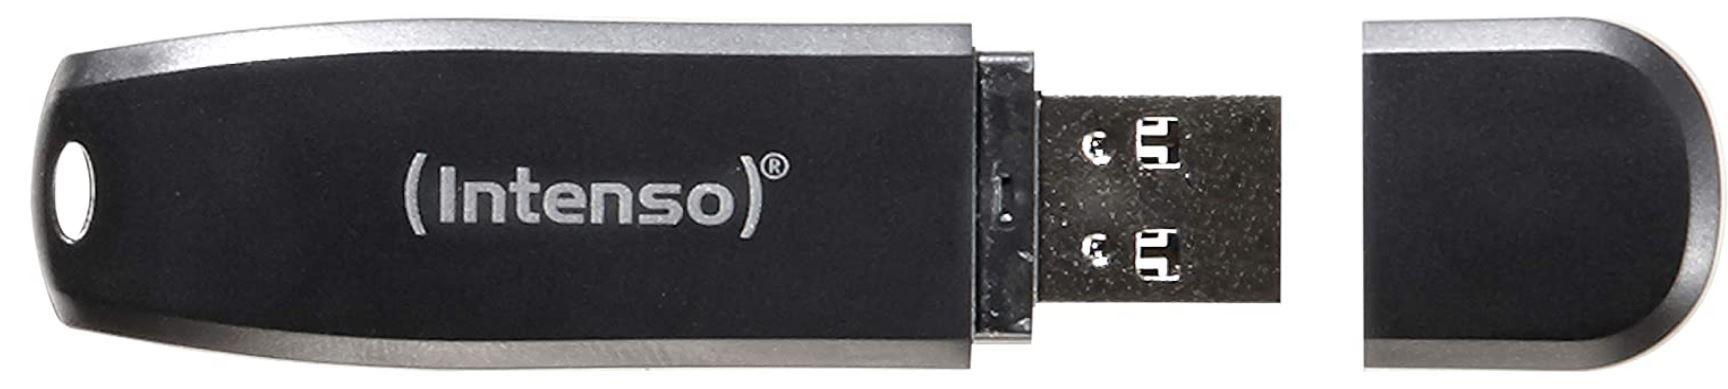 Intenso Speed Line 128GB USB 3.0 Speicherstick für 11€ (statt 14€)